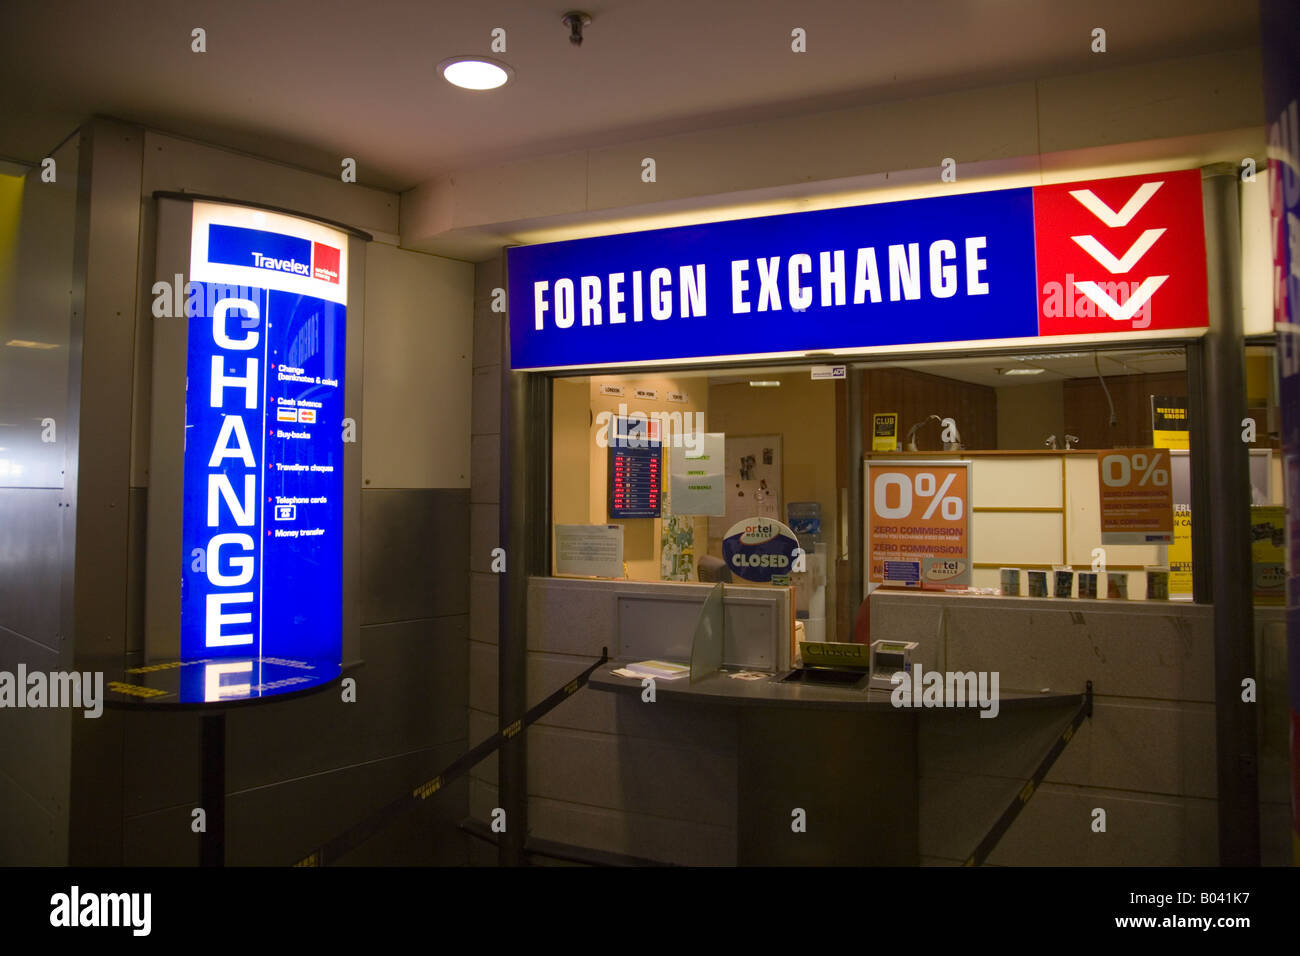 Bureau de change at bruxelles midi station brussels belgium stock